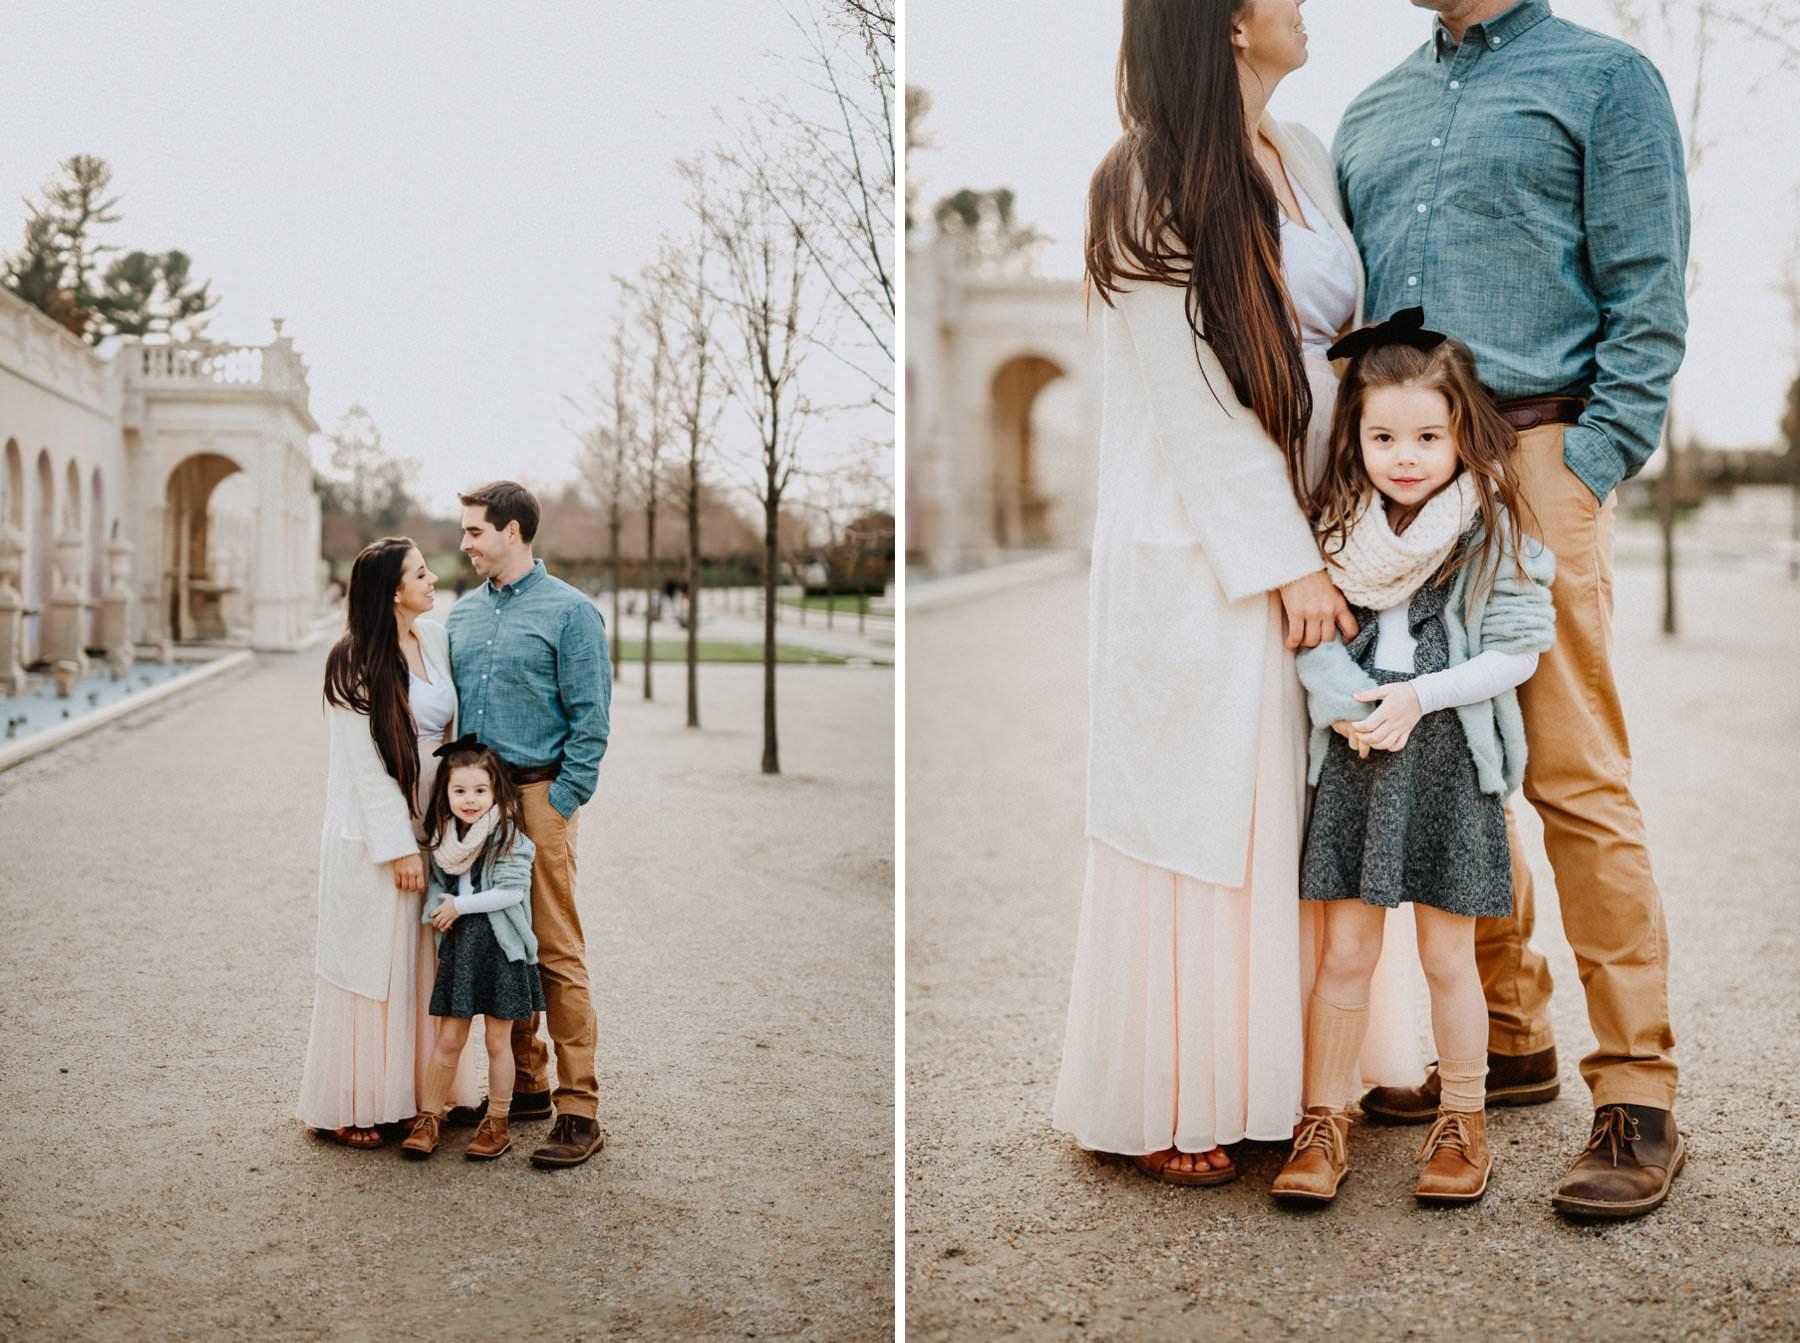 Philadelphia_family_photographer-10.jpg